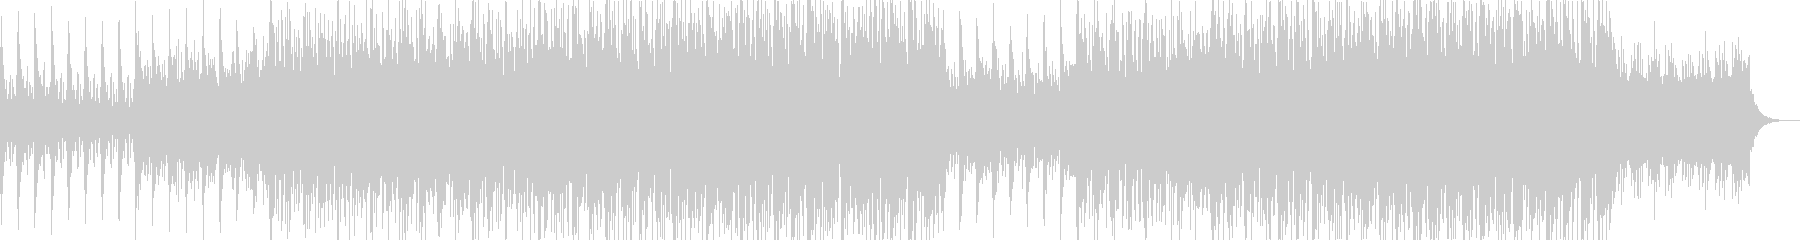 映画音楽、シネマティック映像向け-06の未再生の波形